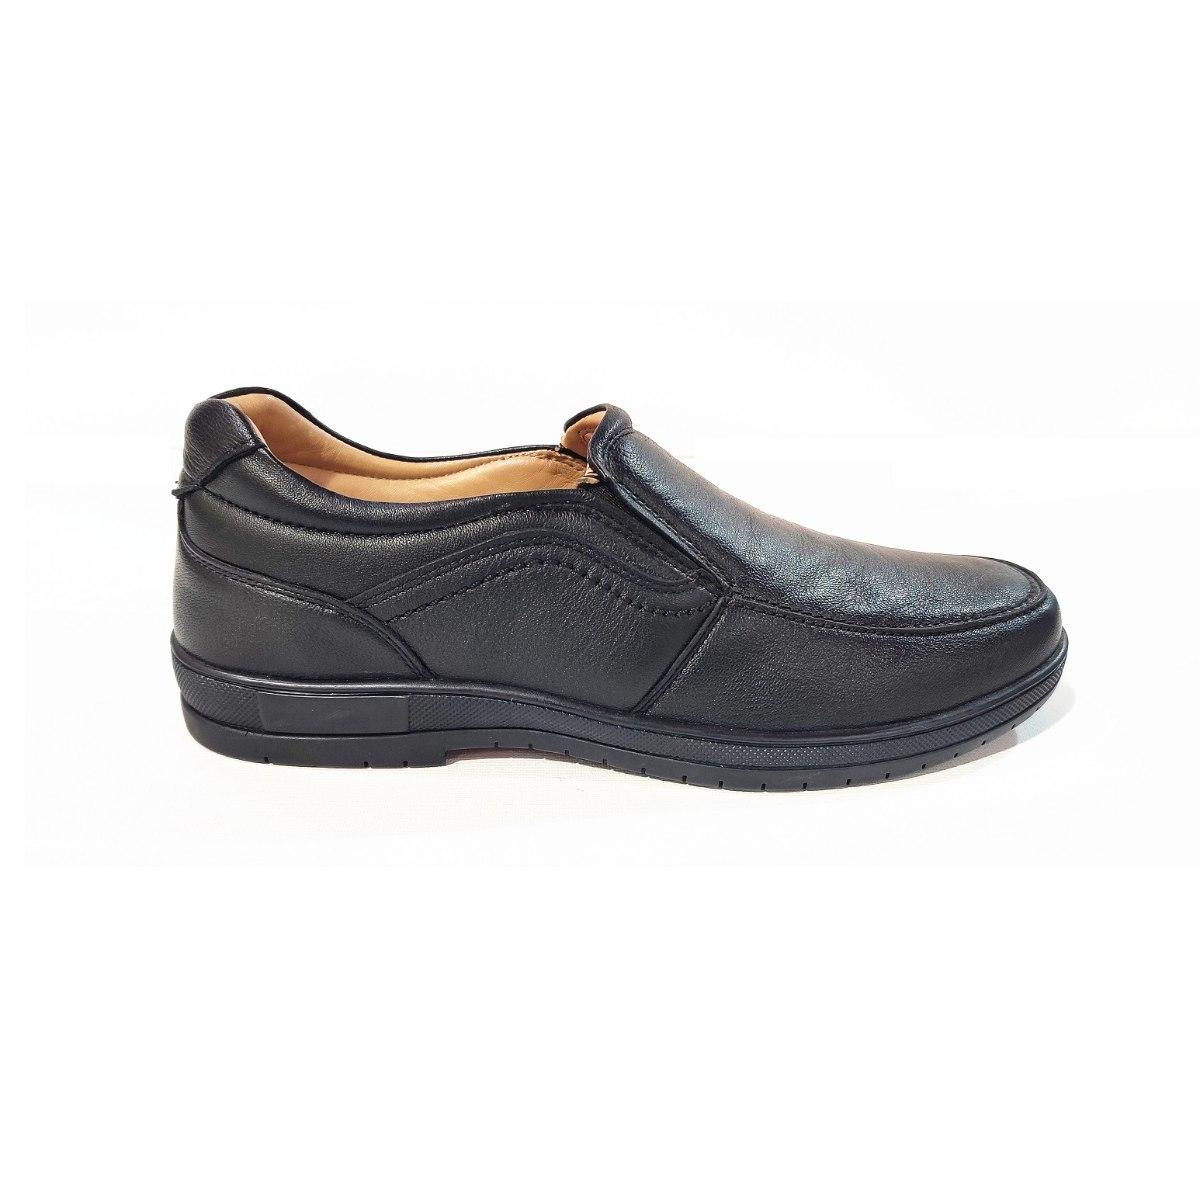 נעלי גברים - טראק קומפורט 044036